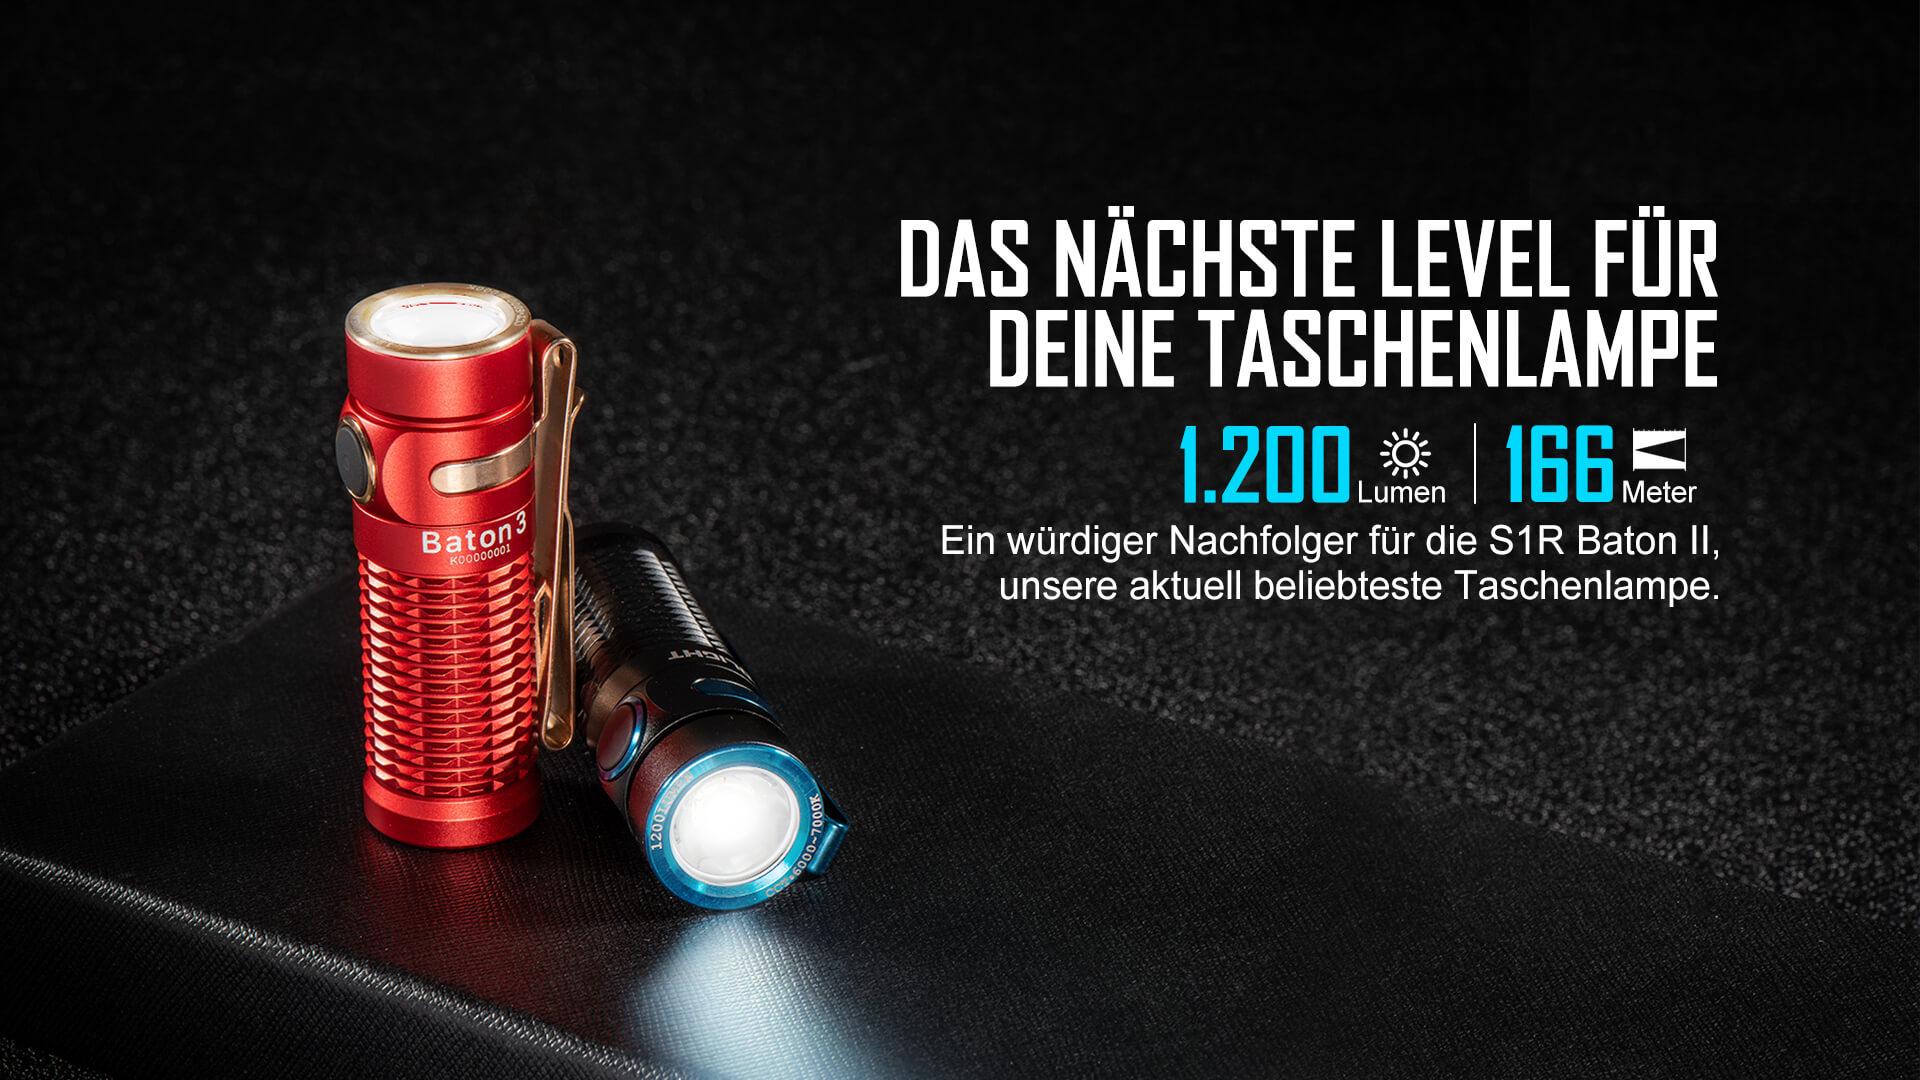 Hohe Leistung von Olight Baton 3 Taschenlampe